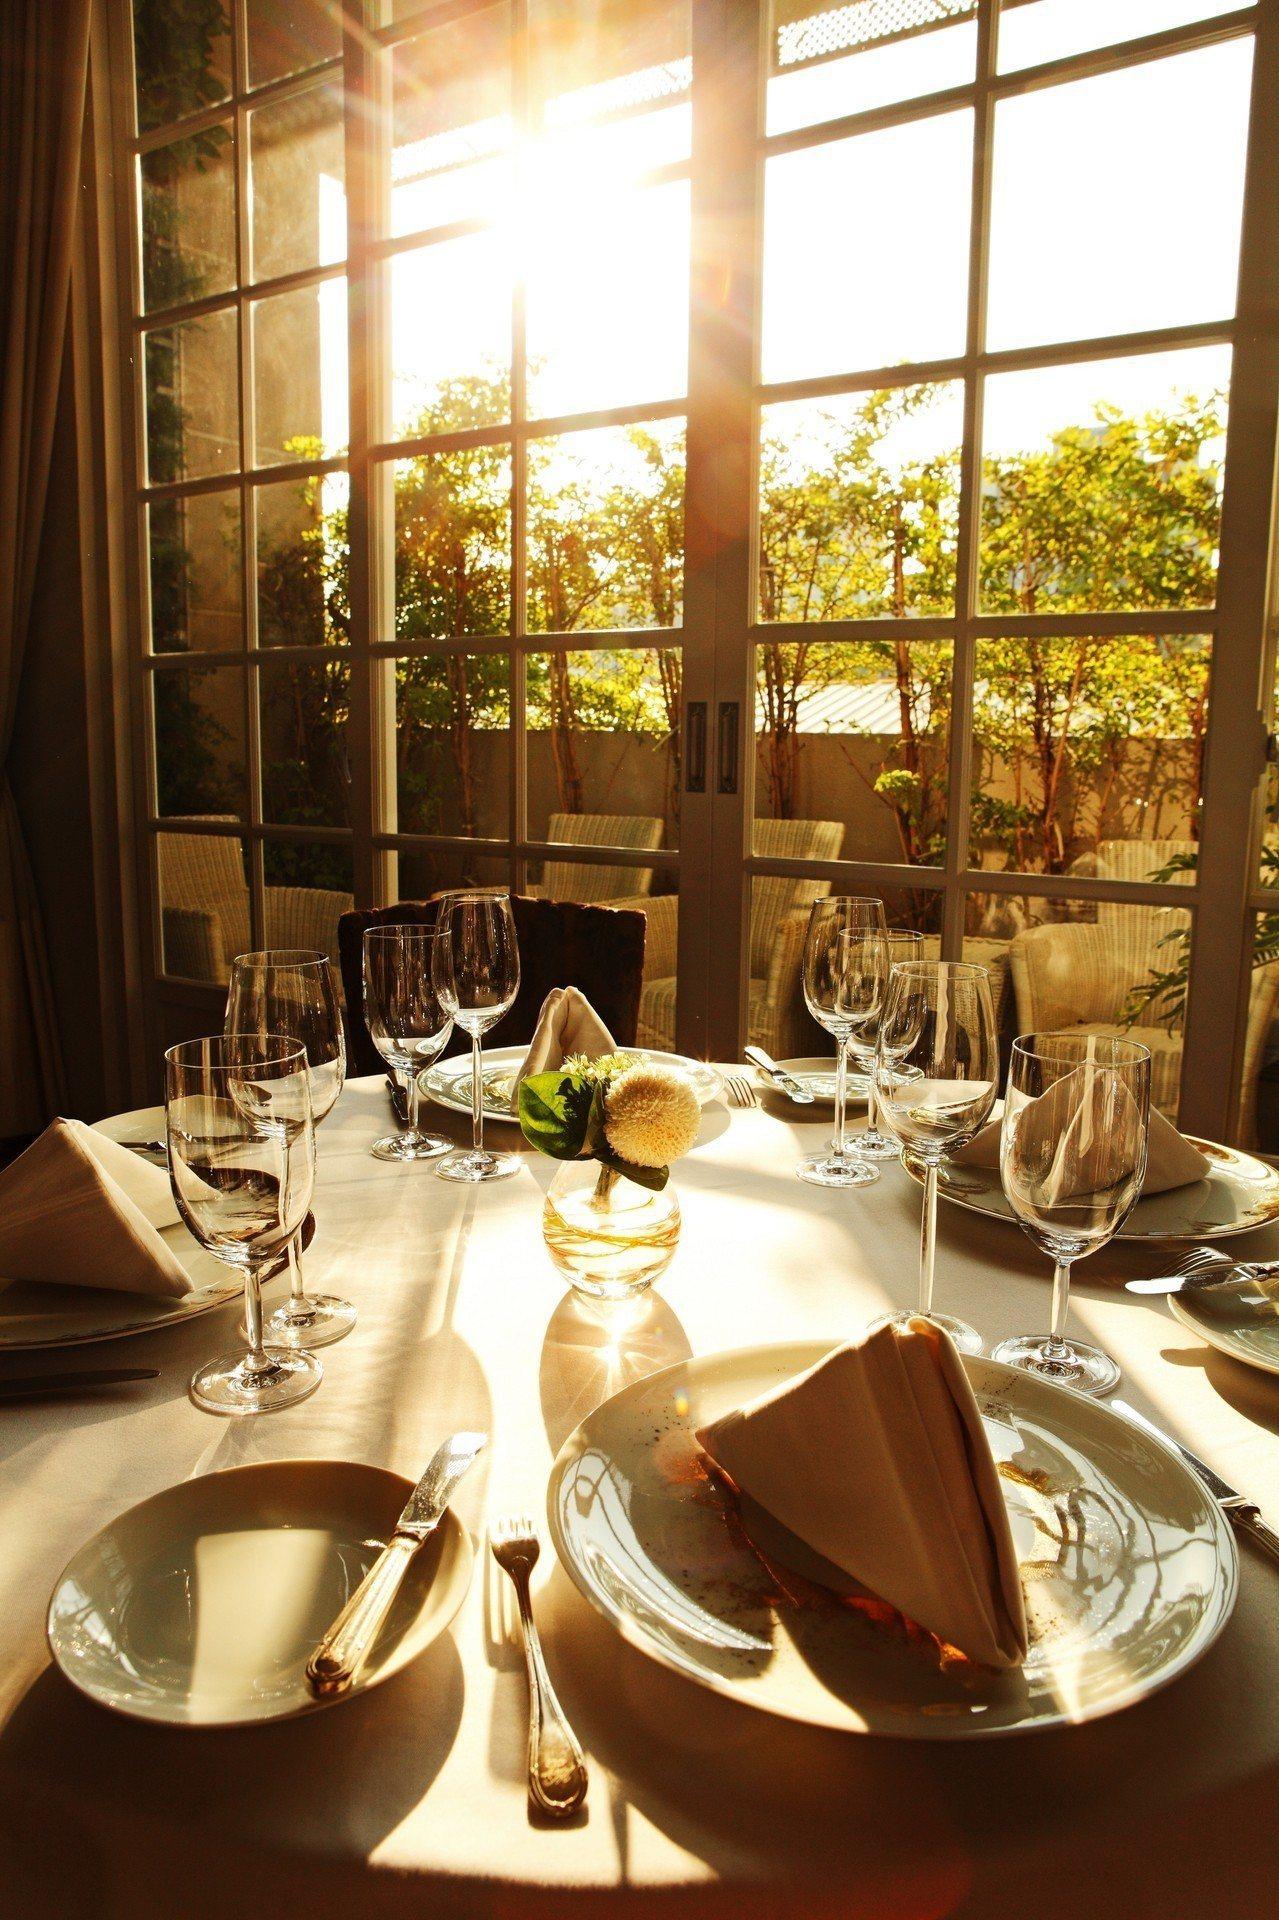 「樂沐」是台中市知名法式餐廳,曾入選「亞洲50最佳餐廳」,傳出年底歇業,訂位爆滿...